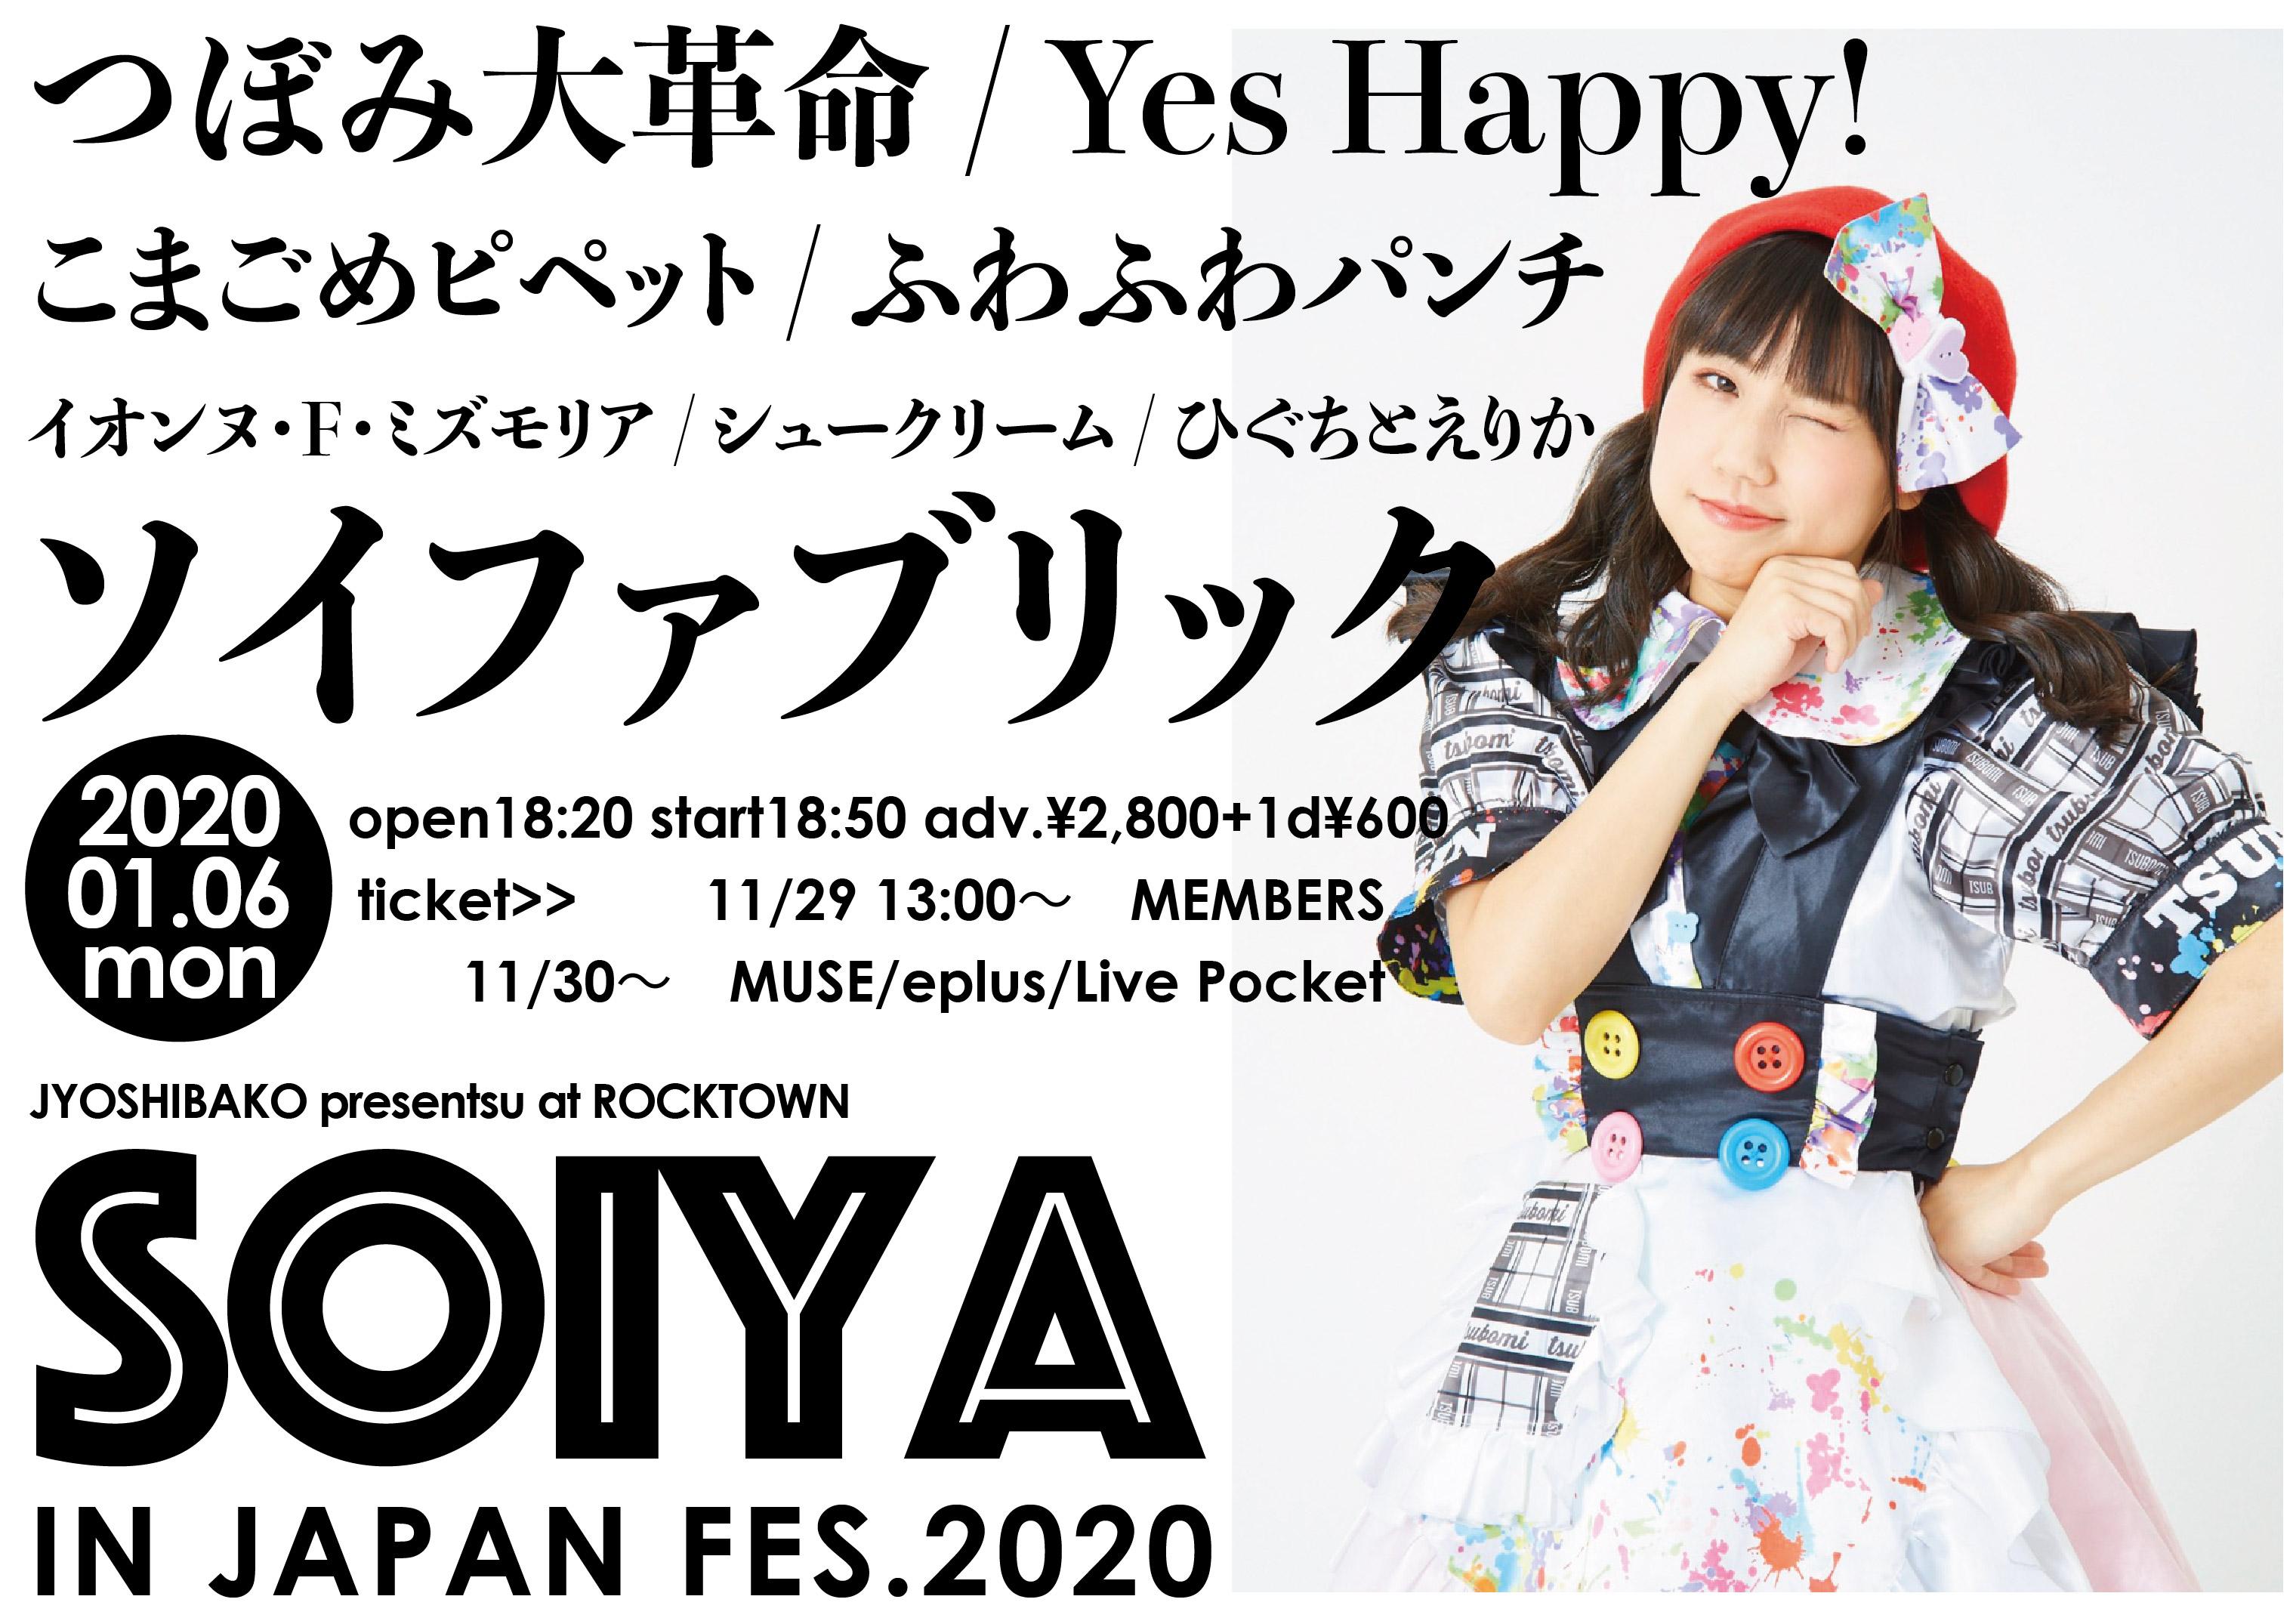 女子箱#159 岡本りん生誕祭 SOIYA IN JAPAN FESTIVAL 2020